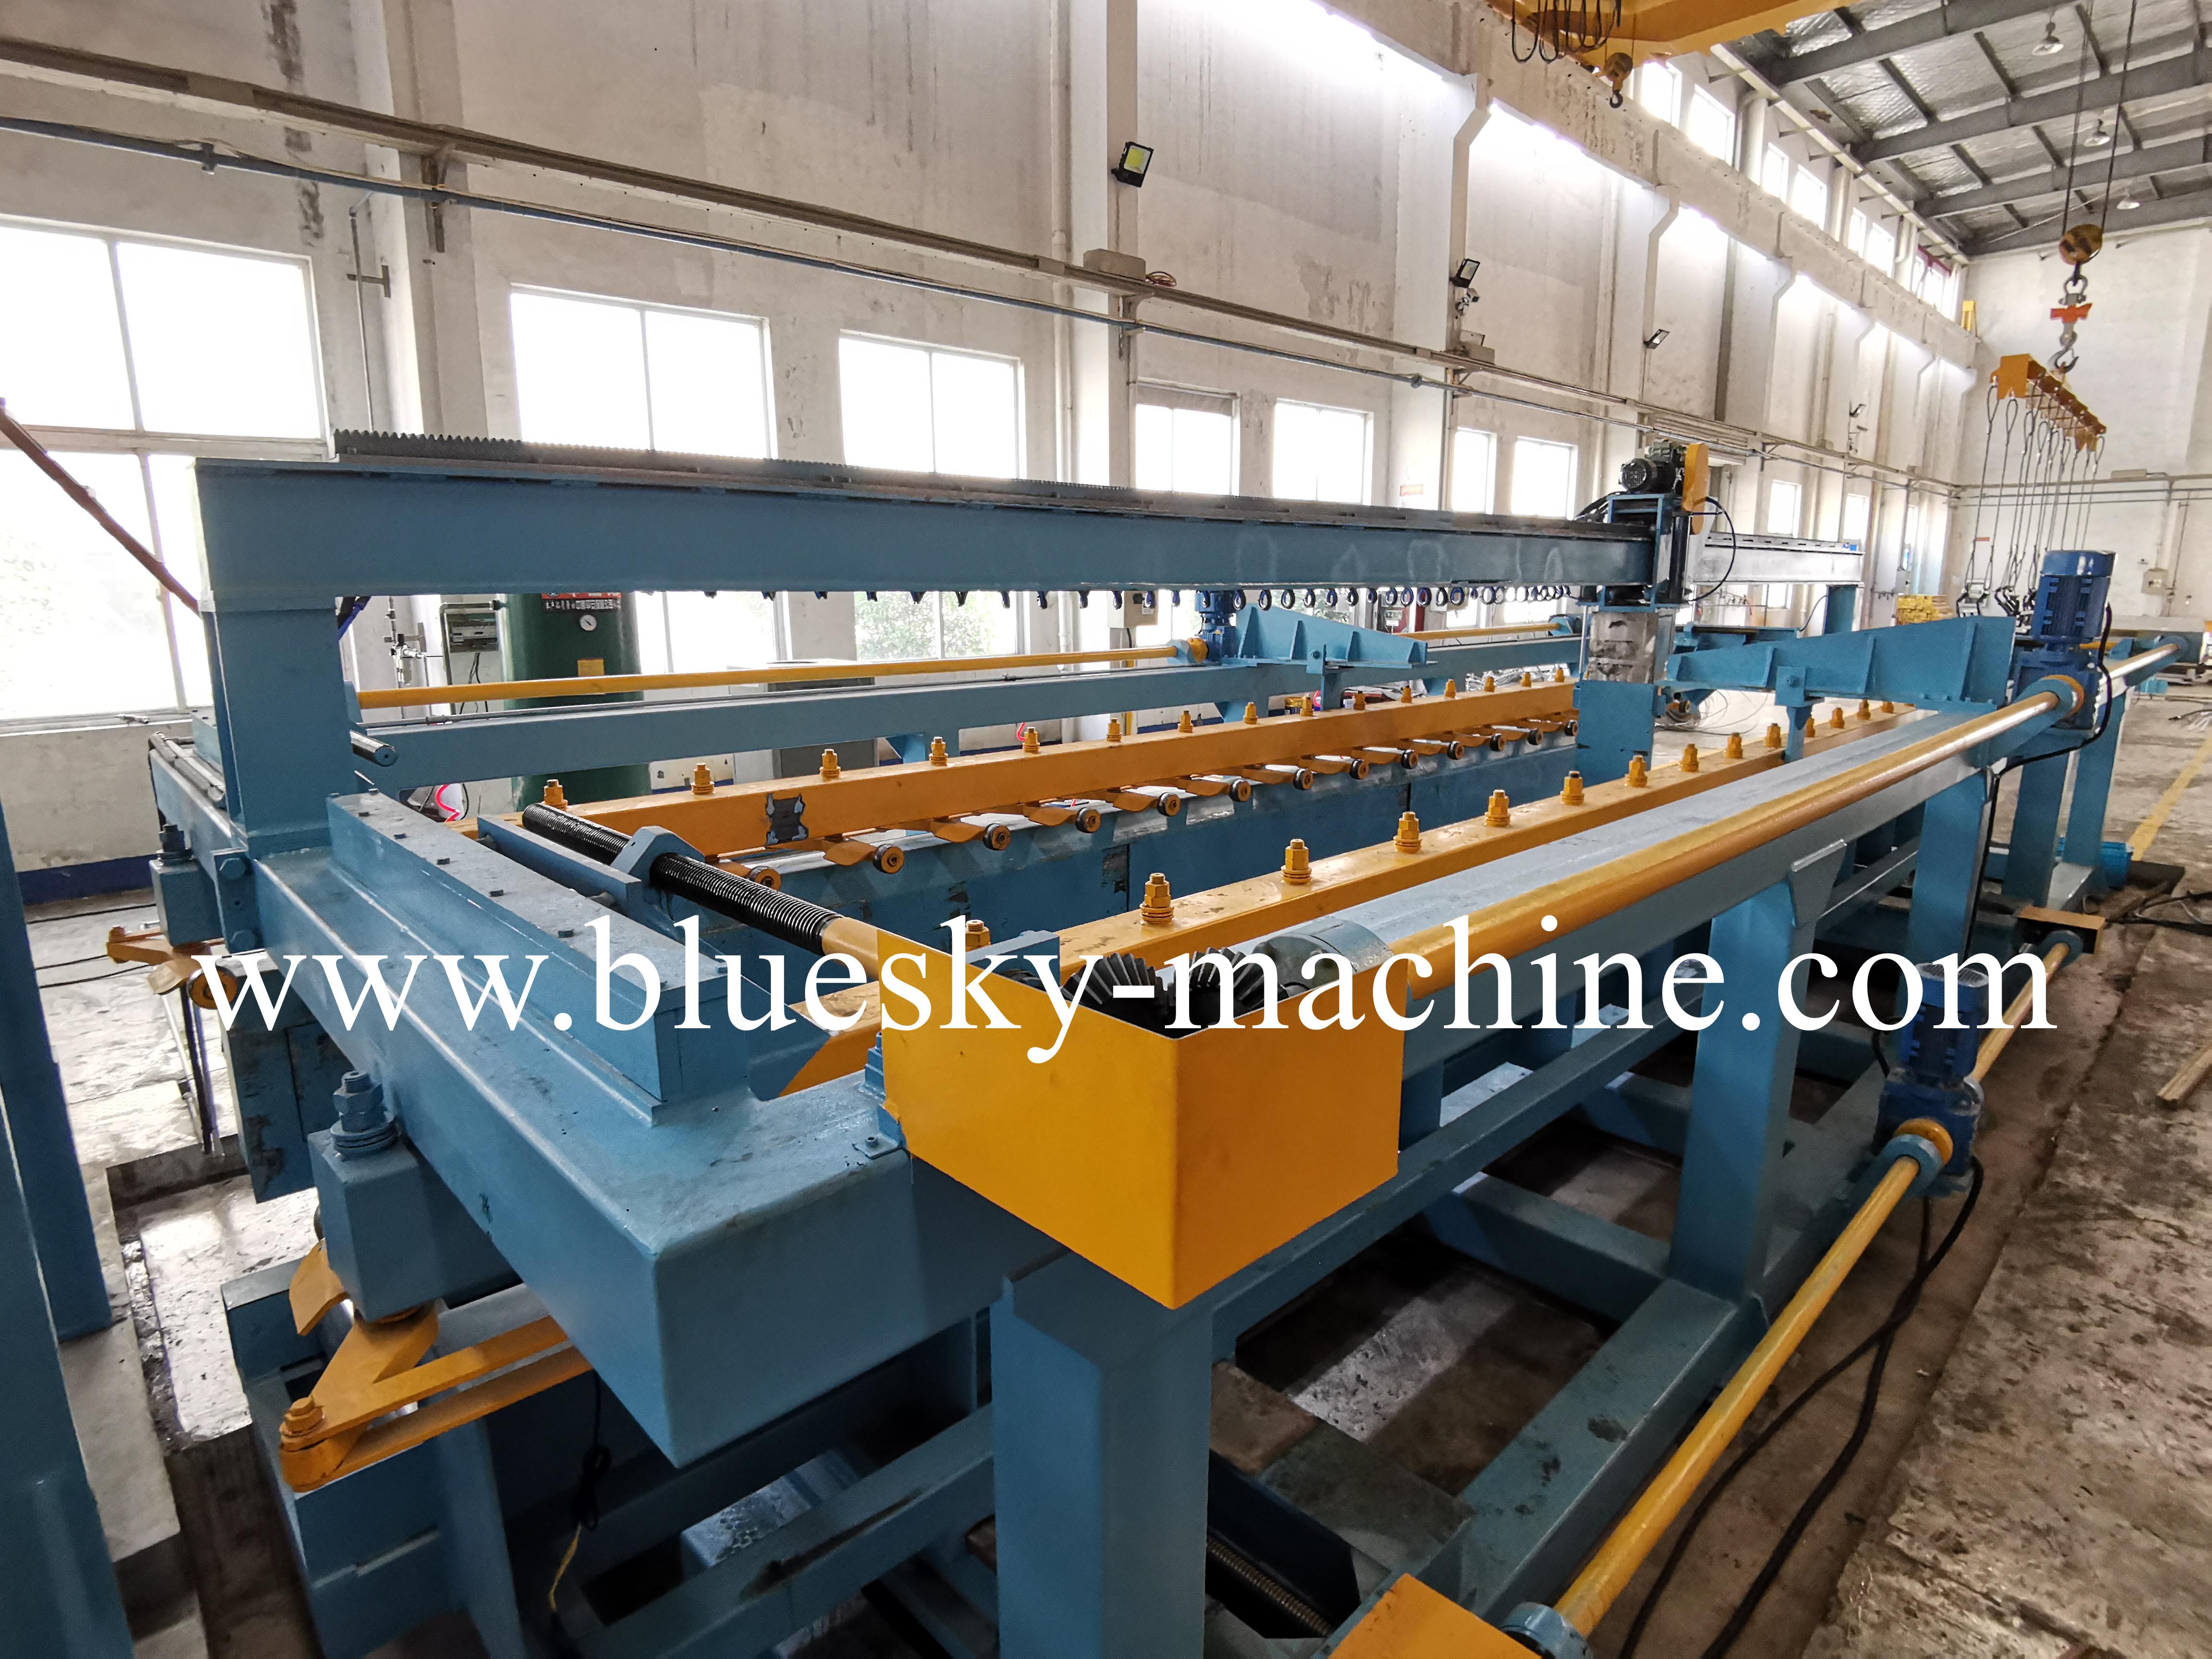 15.Hydraulic Elevating Platform